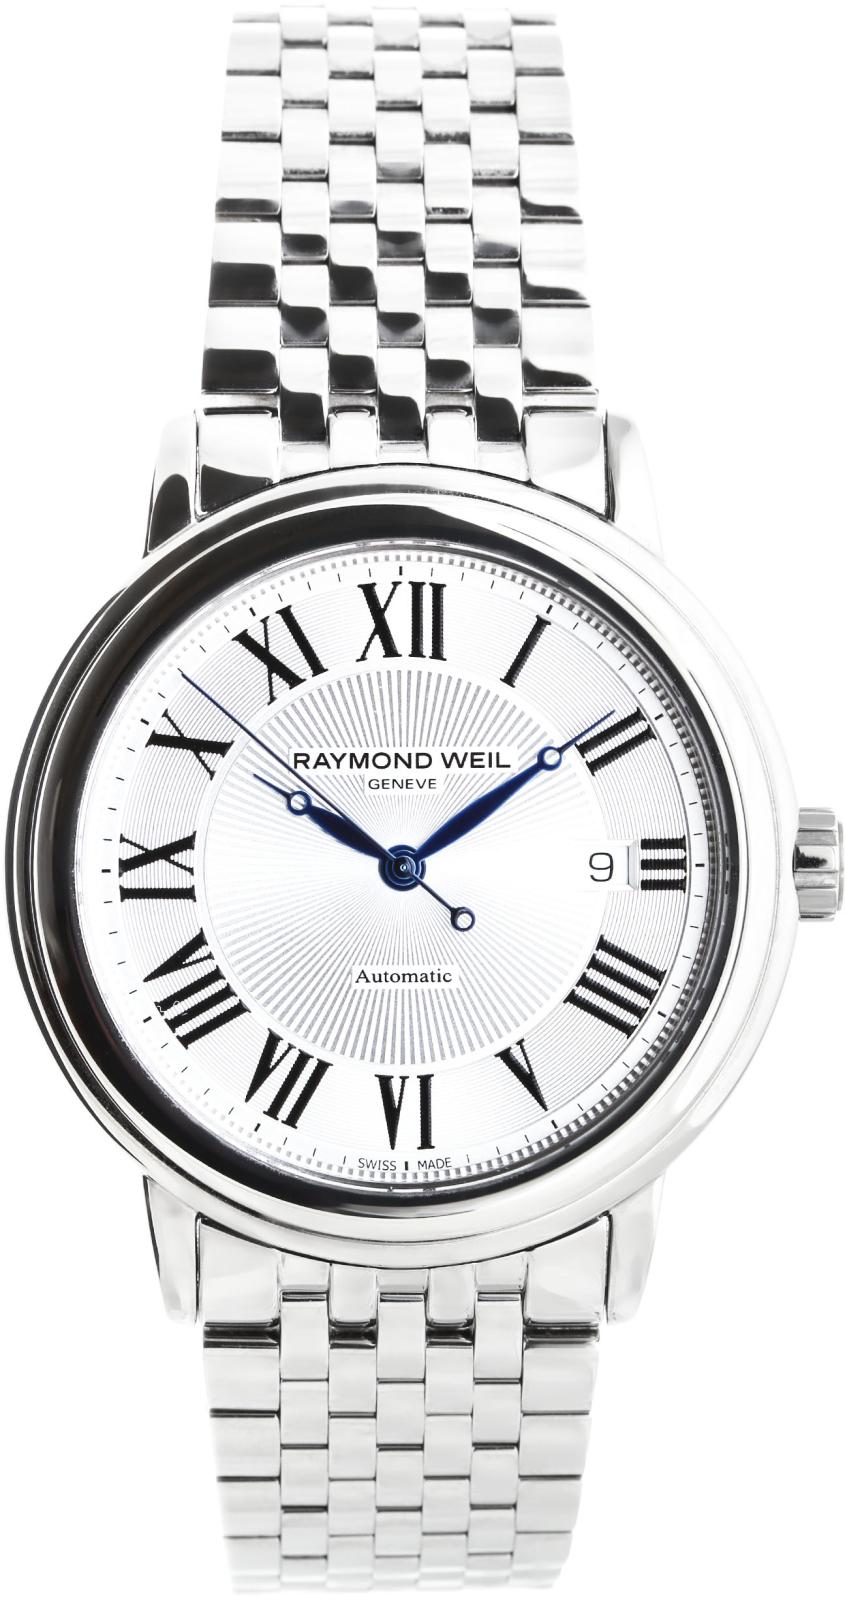 Raymond Weil Maestro 2847-ST-00659Наручные часы<br>Швейцарские часы Raymond Weil Maestro 2847-ST-00659Модель входит в коллекцию Maestro. Это великолепные мужские часы. Материал корпуса часов — сталь. Стекло - сапфировое. Водозащита этой модели 50 м.<br><br>Пол: Мужские<br>Страна-производитель: Швейцария<br>Механизм: Механический<br>Материал корпуса: Сталь<br>Материал ремня/браслета: Сталь<br>Водозащита, диапазон: 20 - 100 м<br>Стекло: Сапфировое<br>Толщина корпуса: None<br>Стиль: None